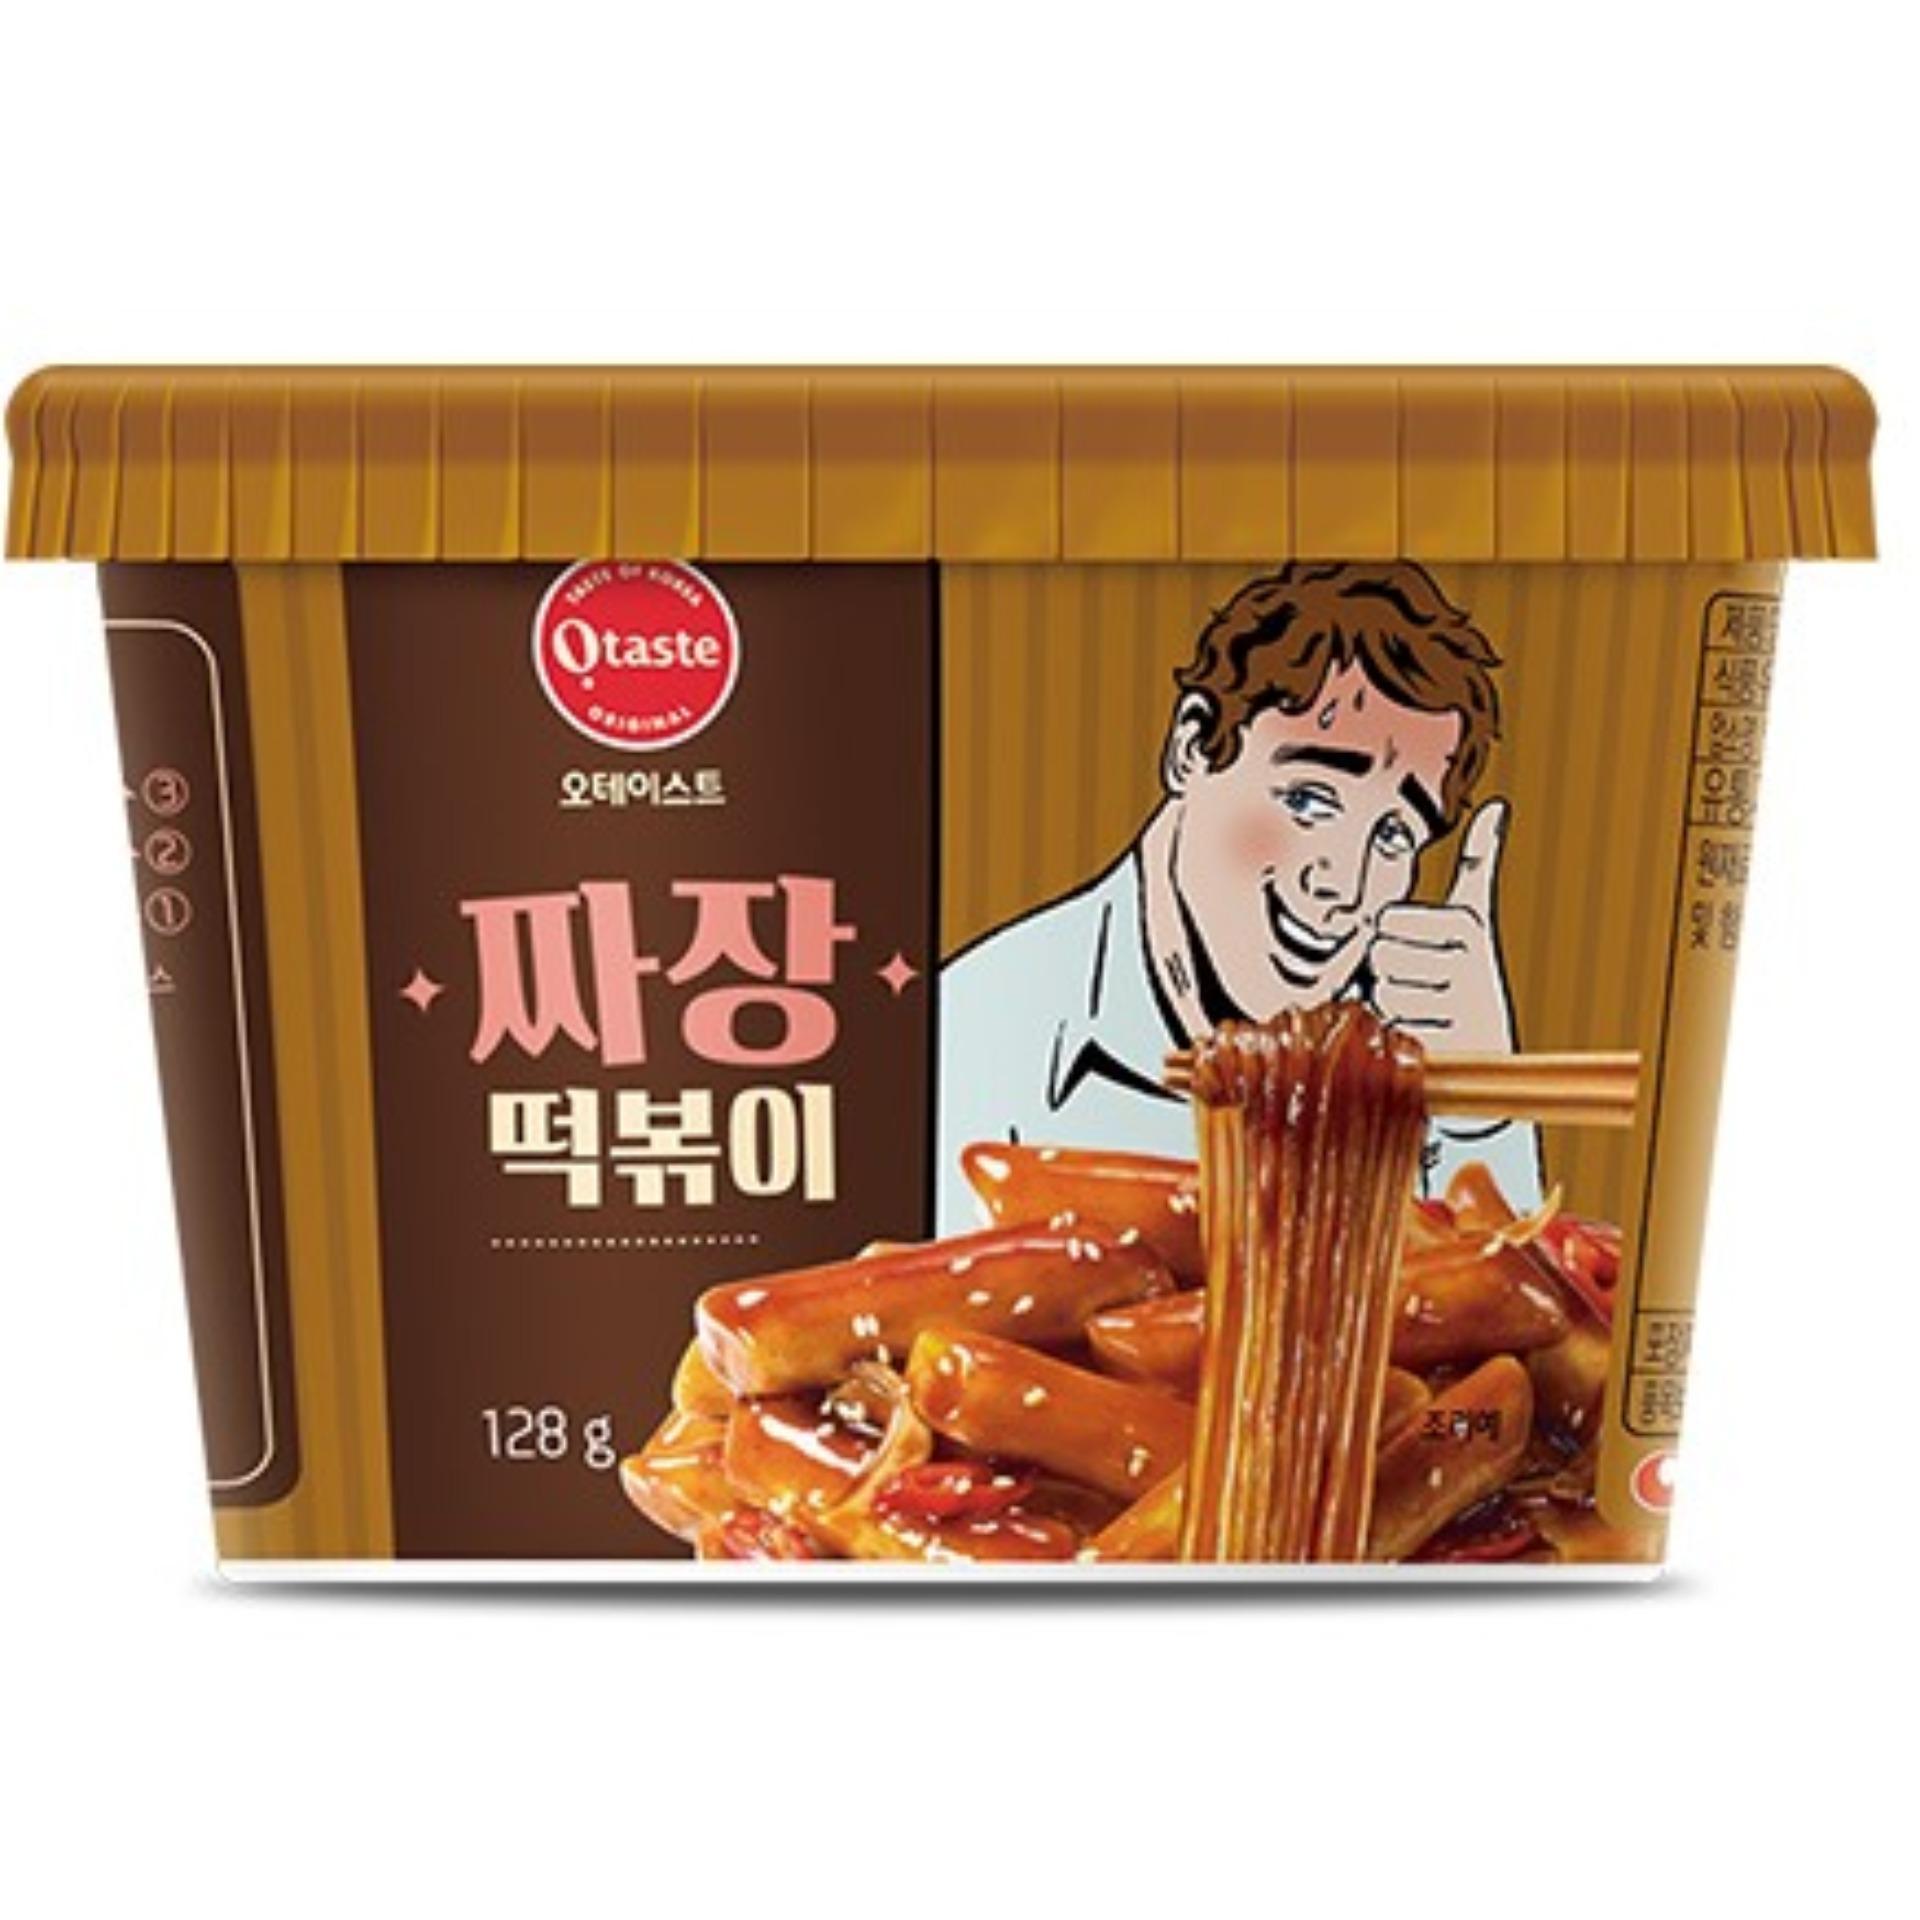 Bánh Gạo Hàn Quốc Topokki & Miến Otaste Jajang Tương đen 128gr Đang Có Ưu Đãi